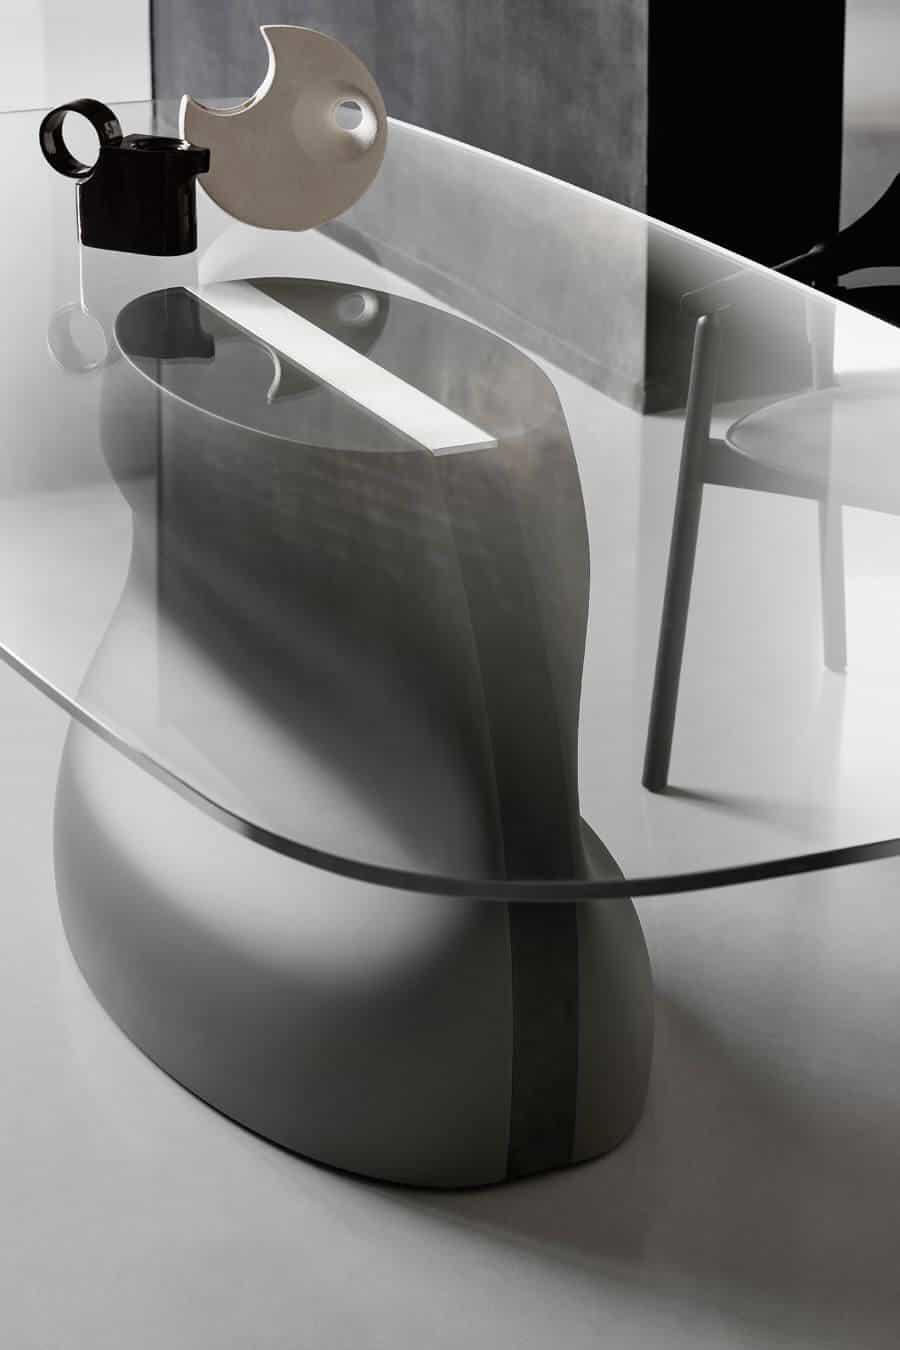 tavoli-collezione-gran-sasso-il-mobile (6)